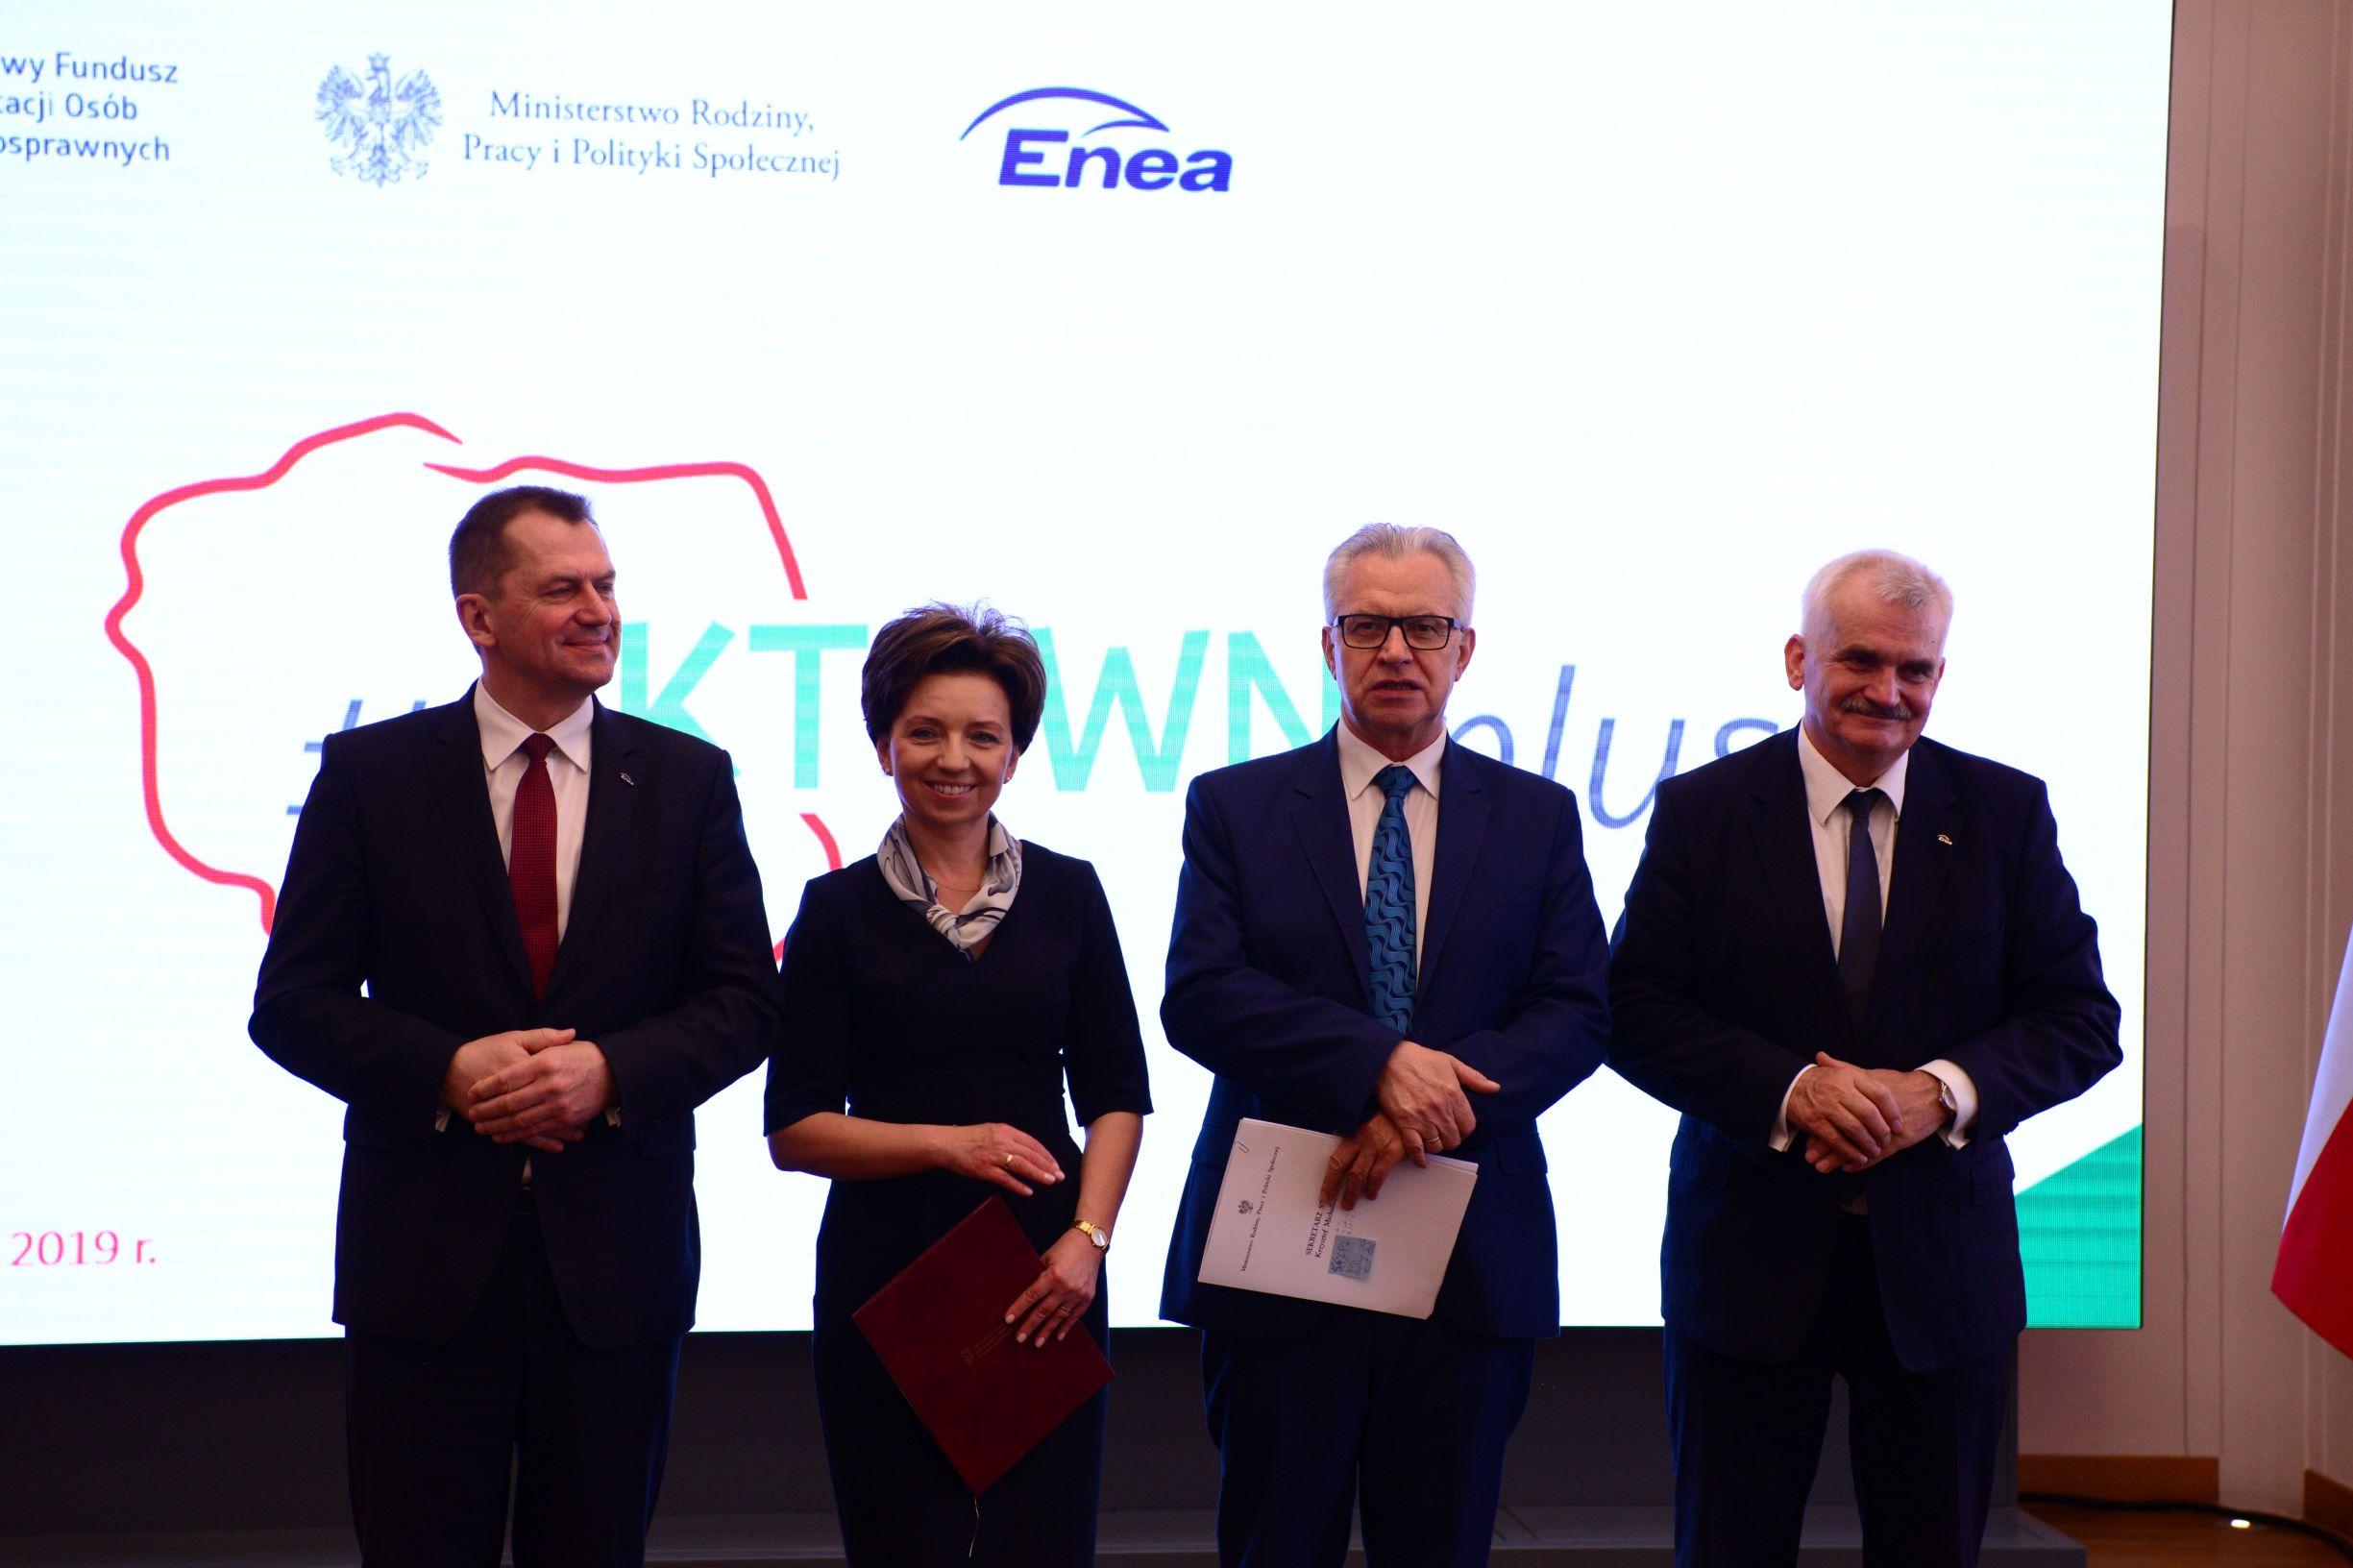 Enea zatrudni we współpracy z PFRON osoby z niepełnosprawnościami (Fot. mat. pras.)